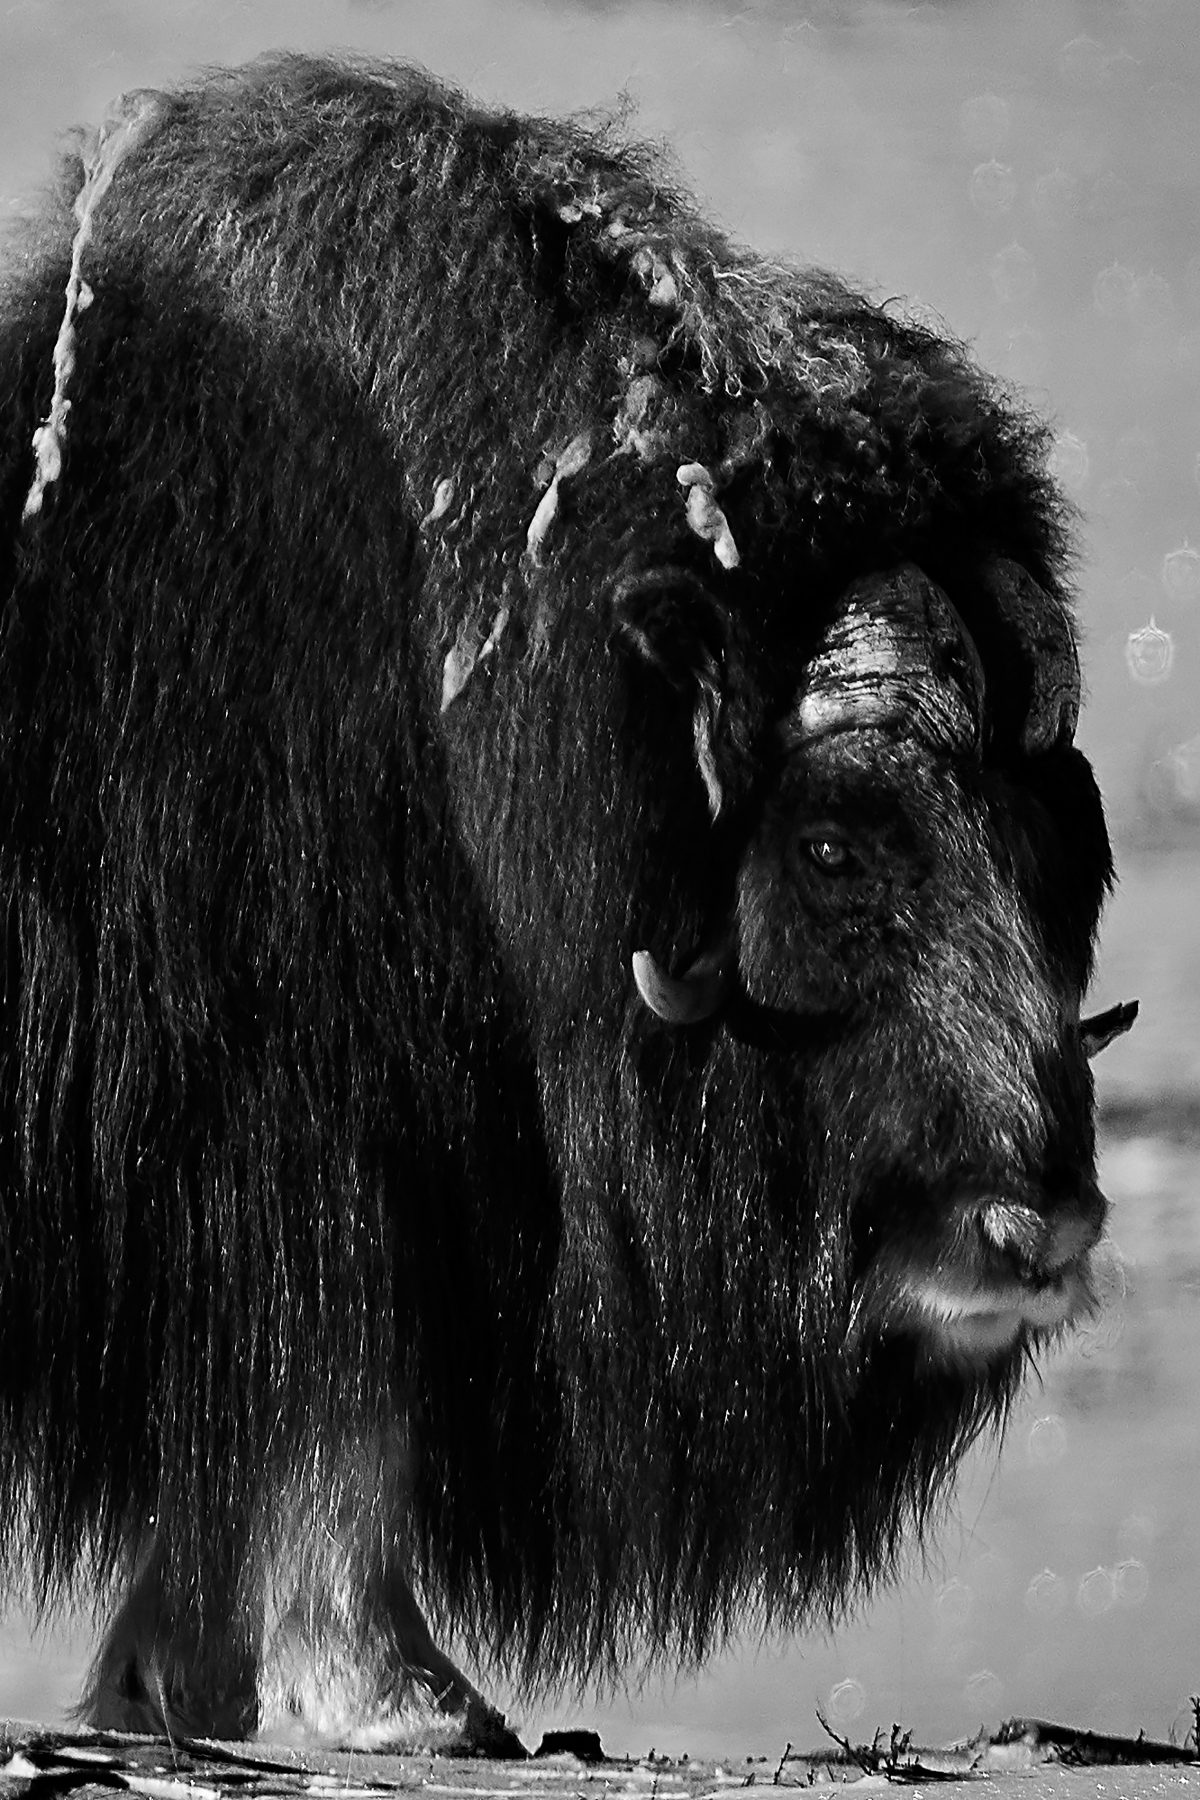 photo portrait en noir et blanc d'un vieux boeuf musqué